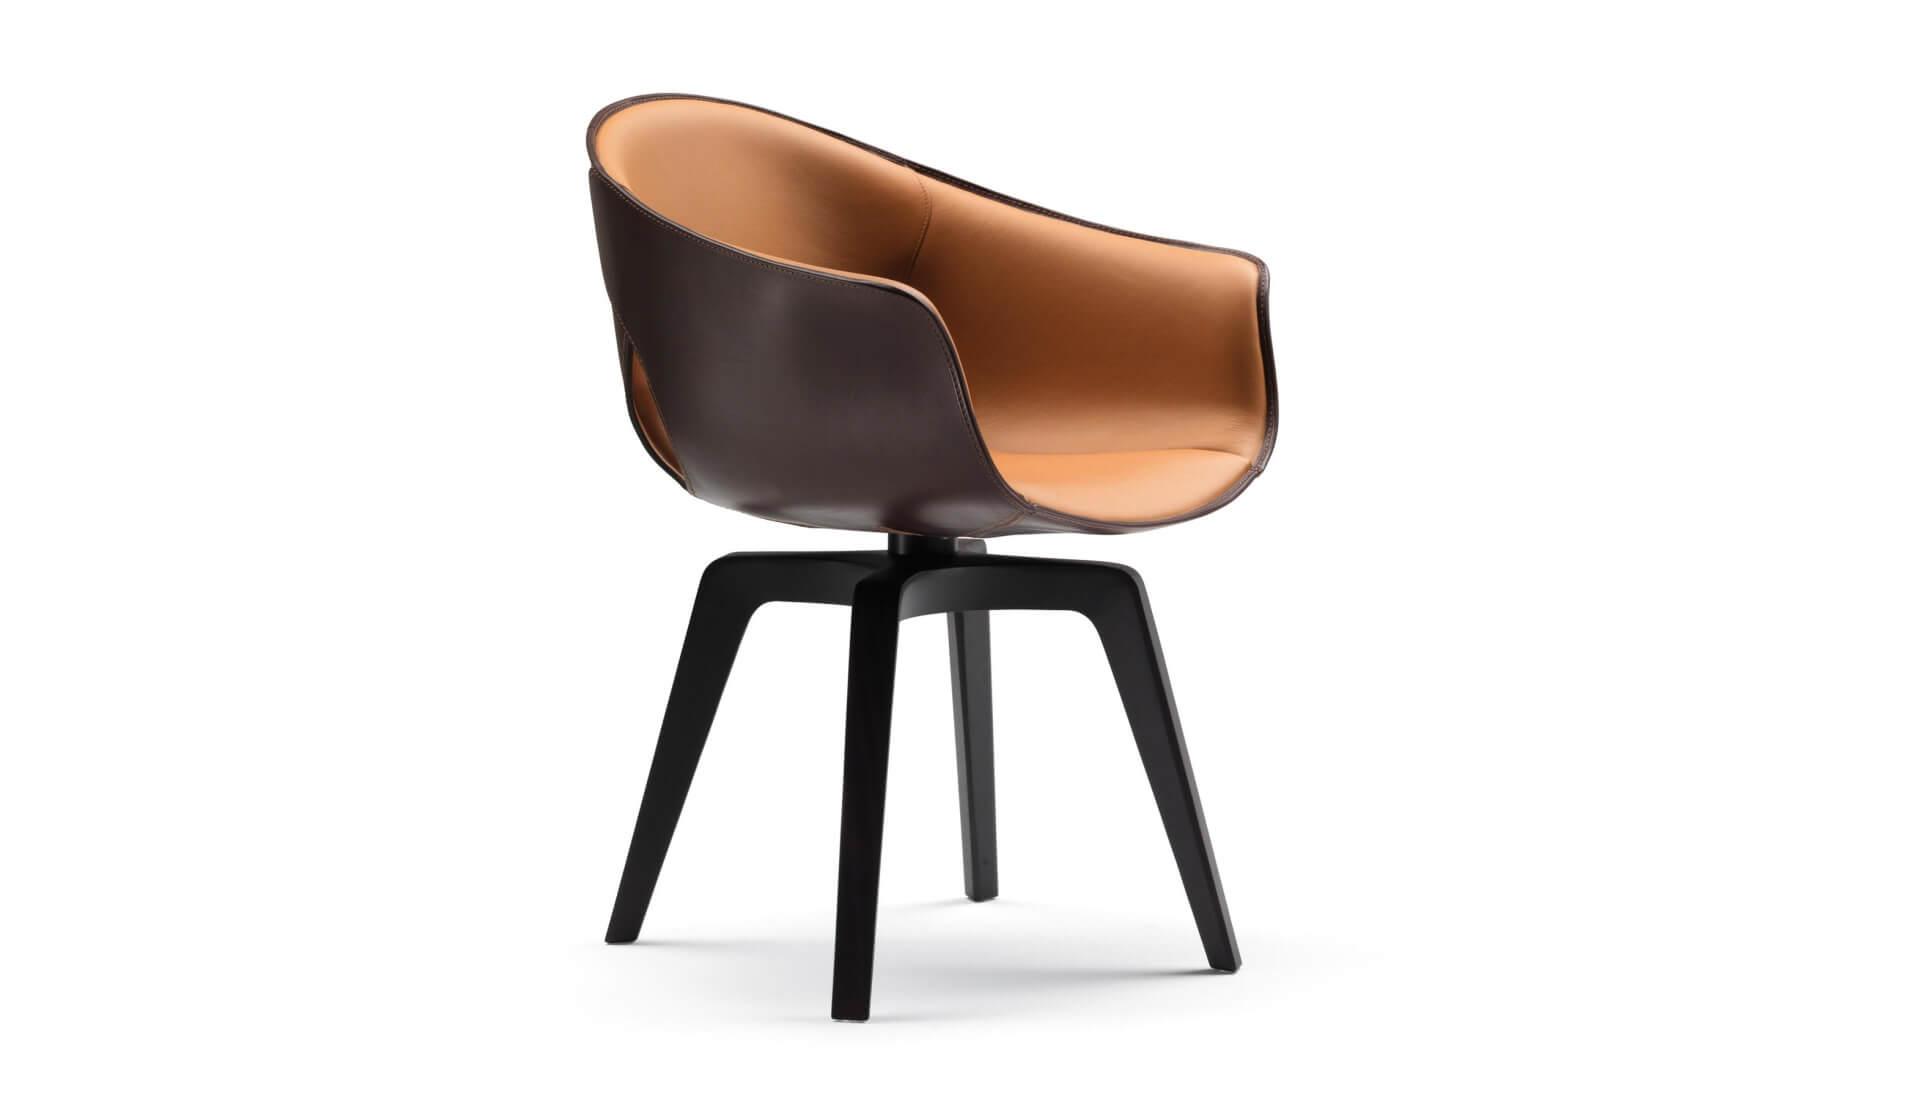 Poltrona Frau Ginger Chair